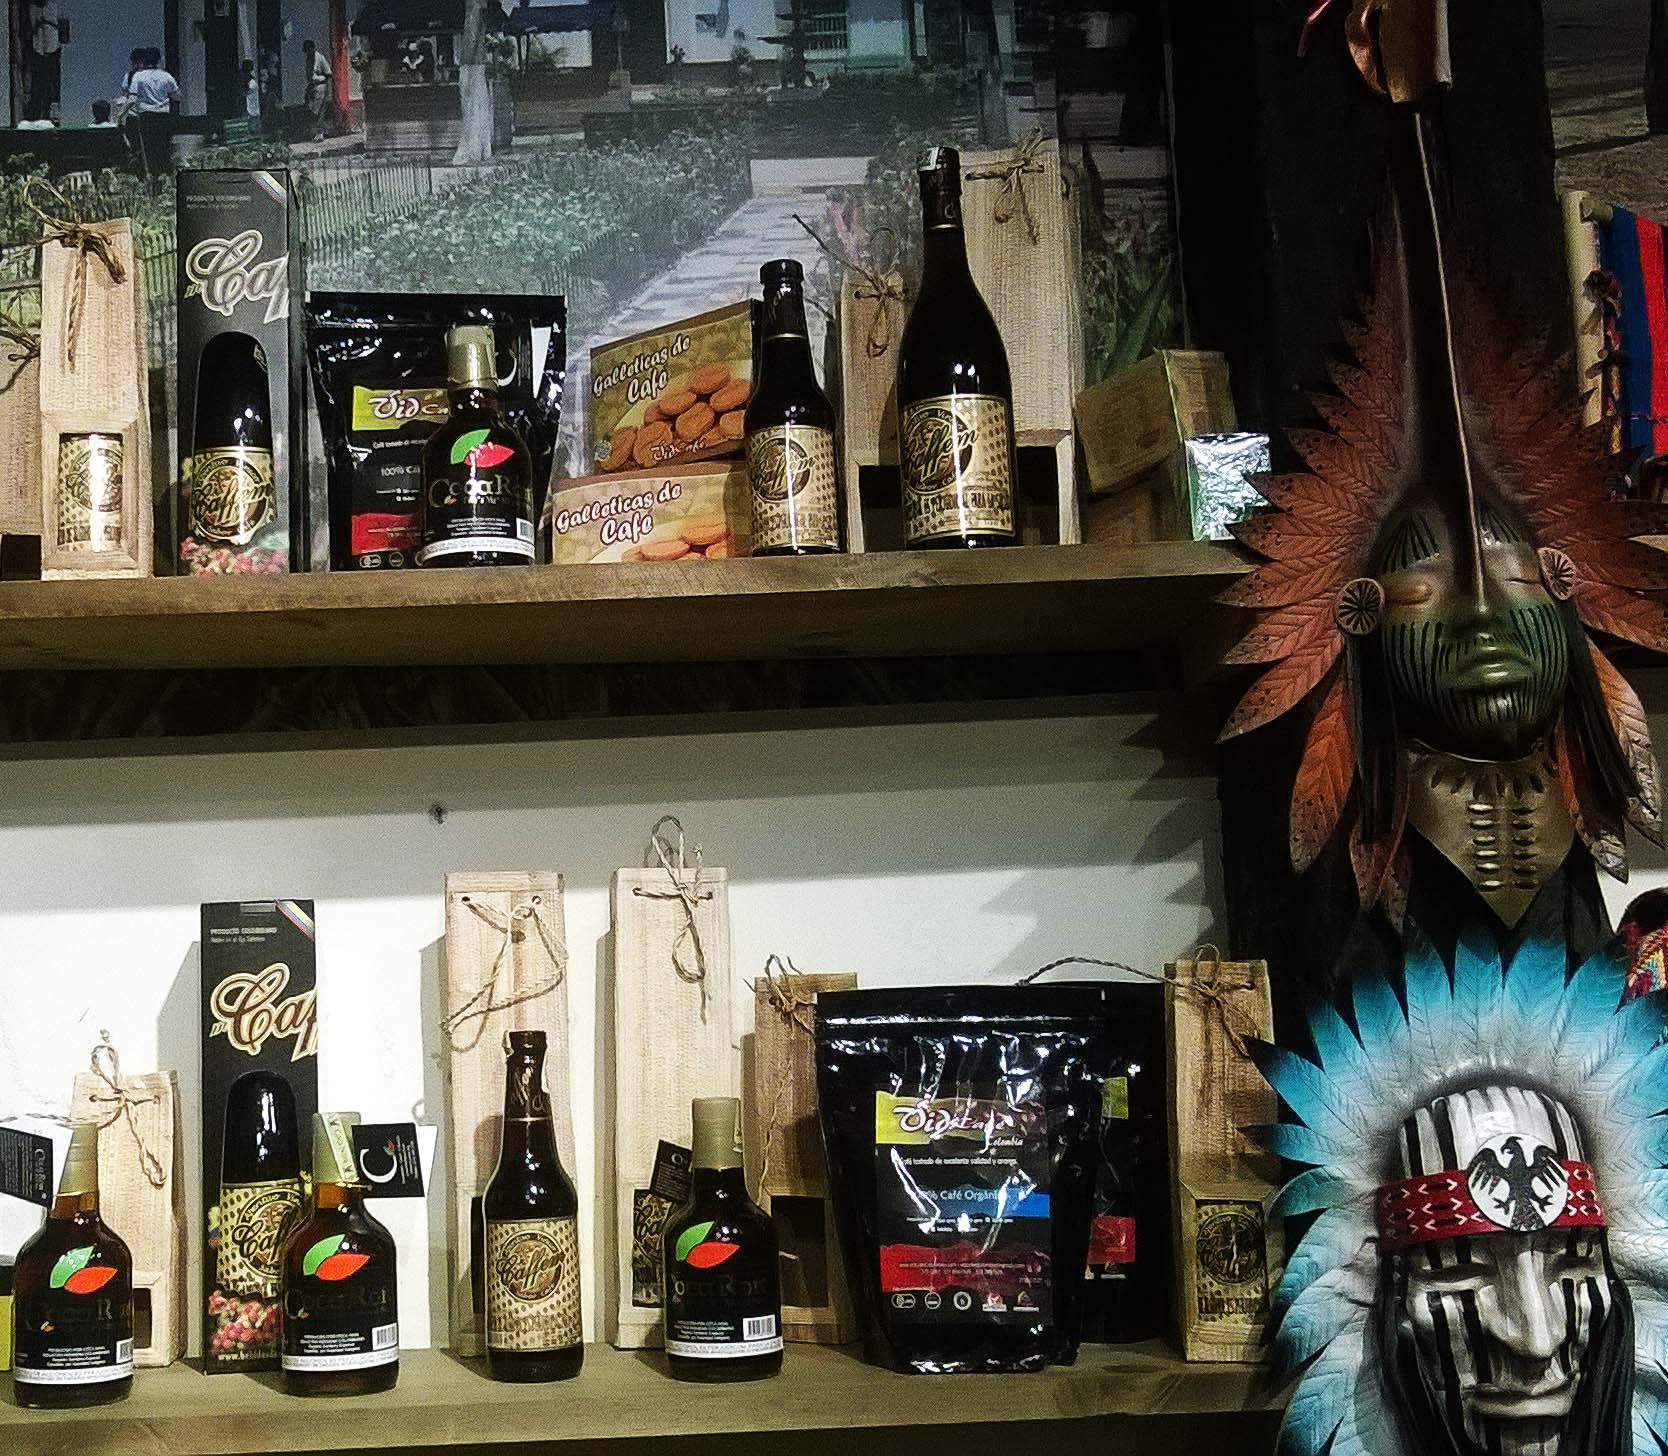 vidcafe productos bebidas de café el corsel paisa destacada